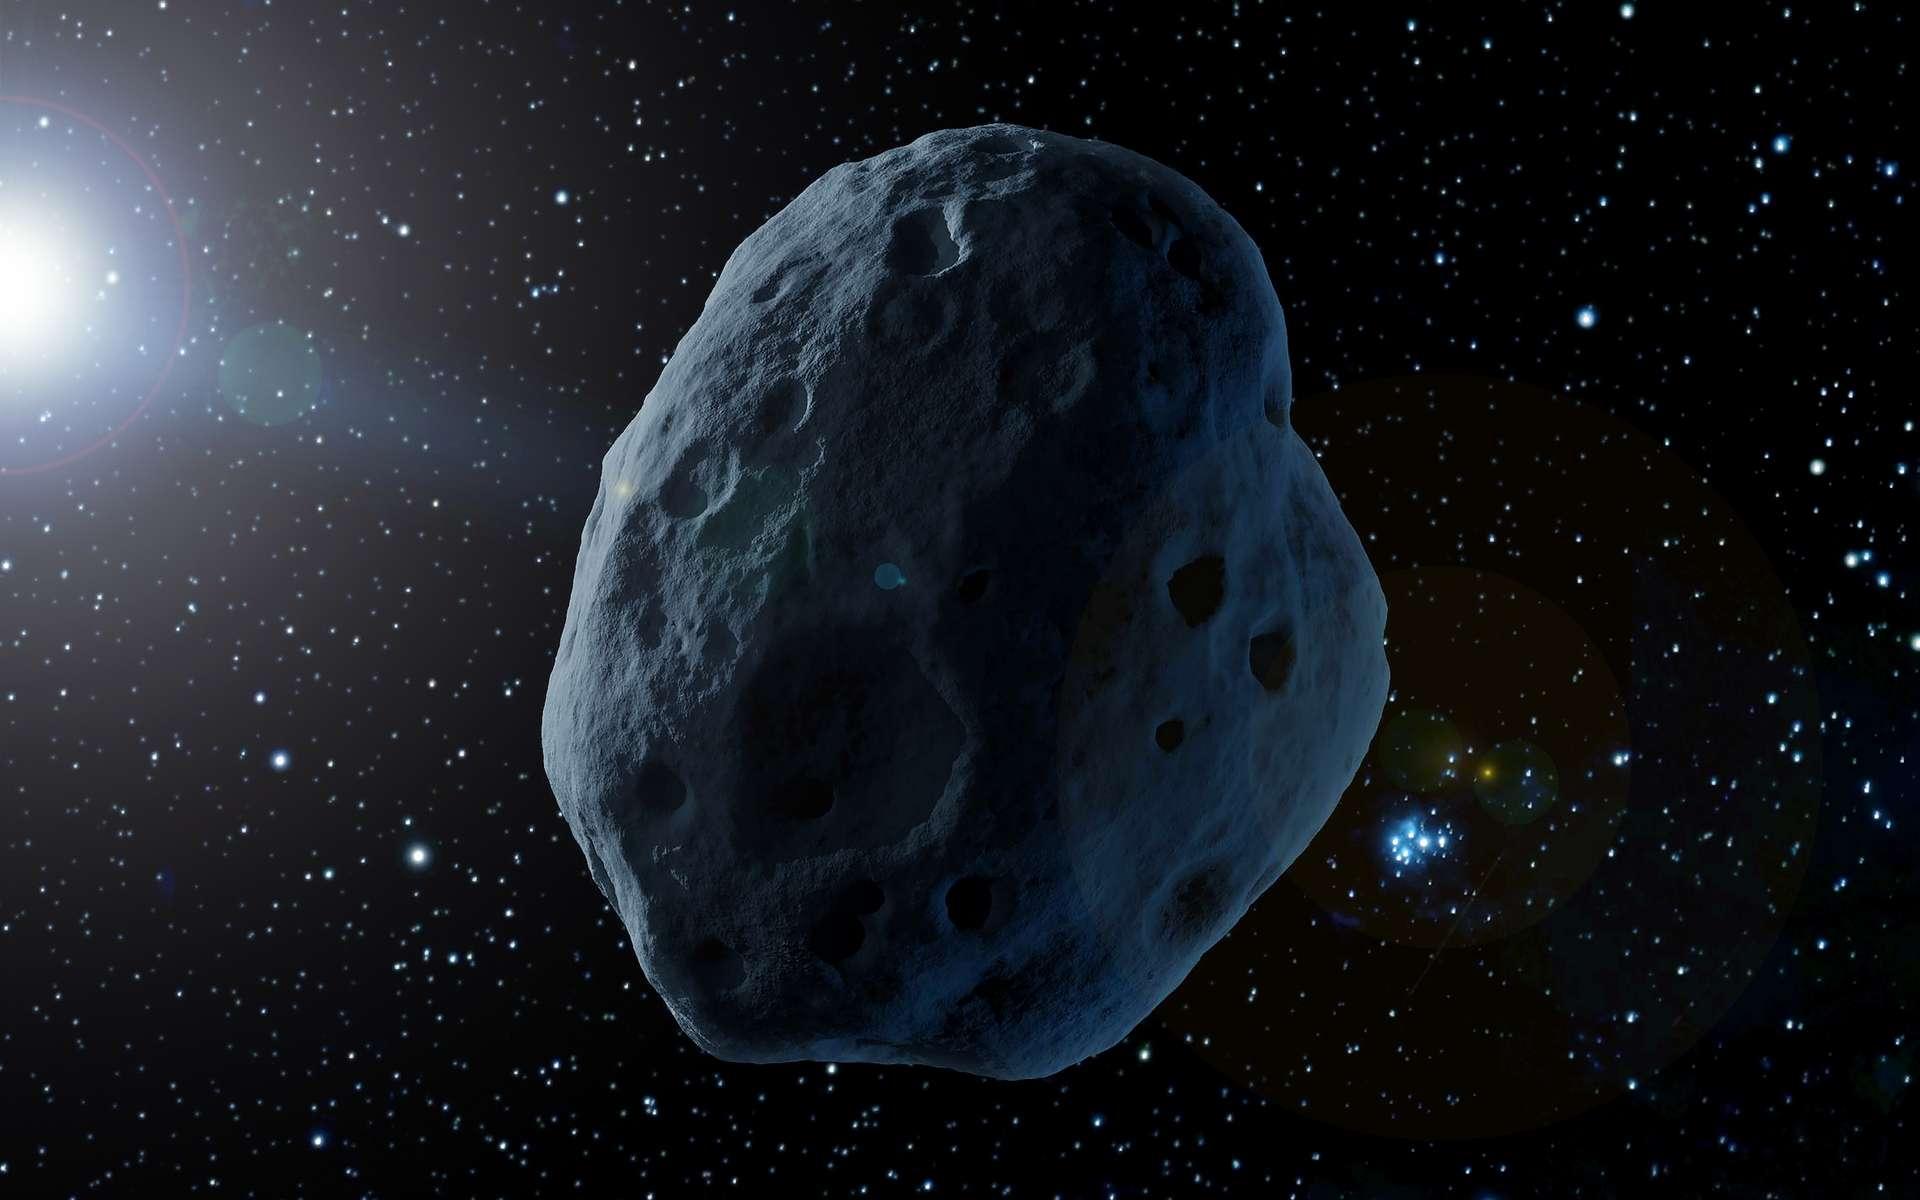 Illustration d'un astéroïde potentiellement dangereux. © Artsiom P, Adobe Stock